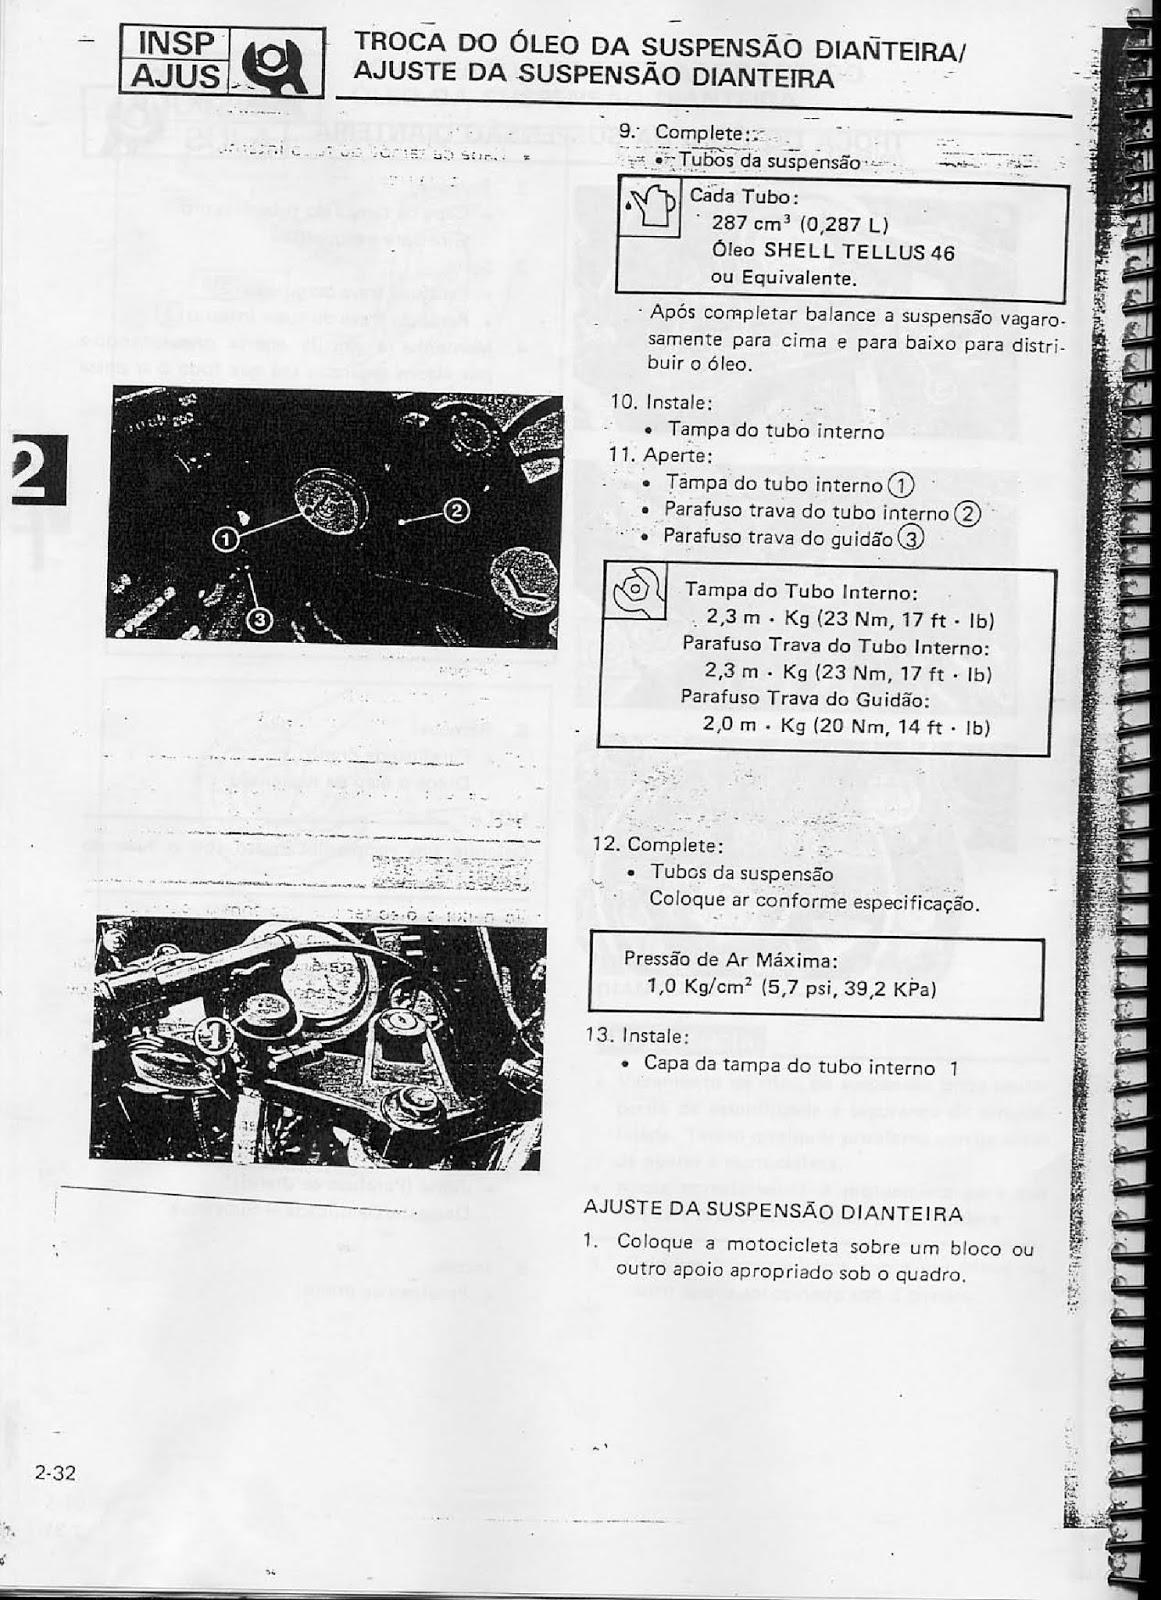 MANUAIS DO PROPRIETÁRIO GRÁTIS: MANUAL DE SERVIÇO YAMAHA